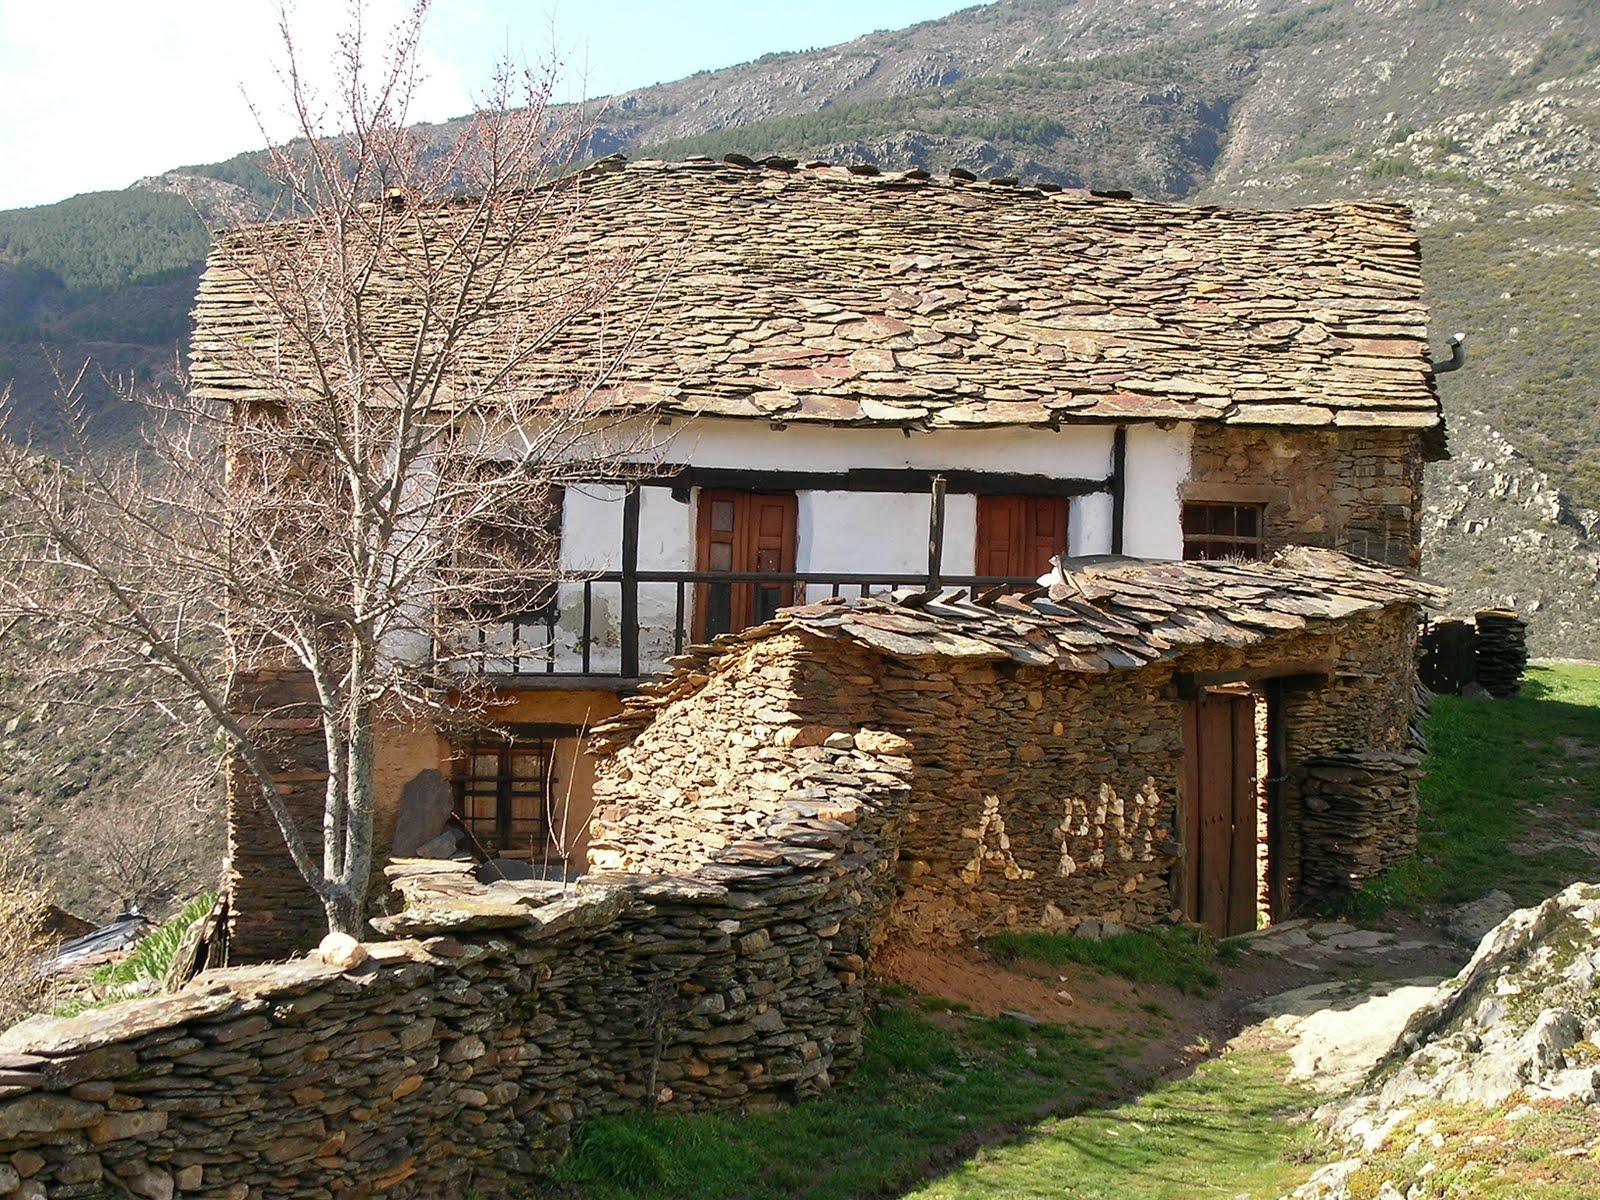 La vereda guadalajara la casa de los balcones - Casas de pueblo en guadalajara ...